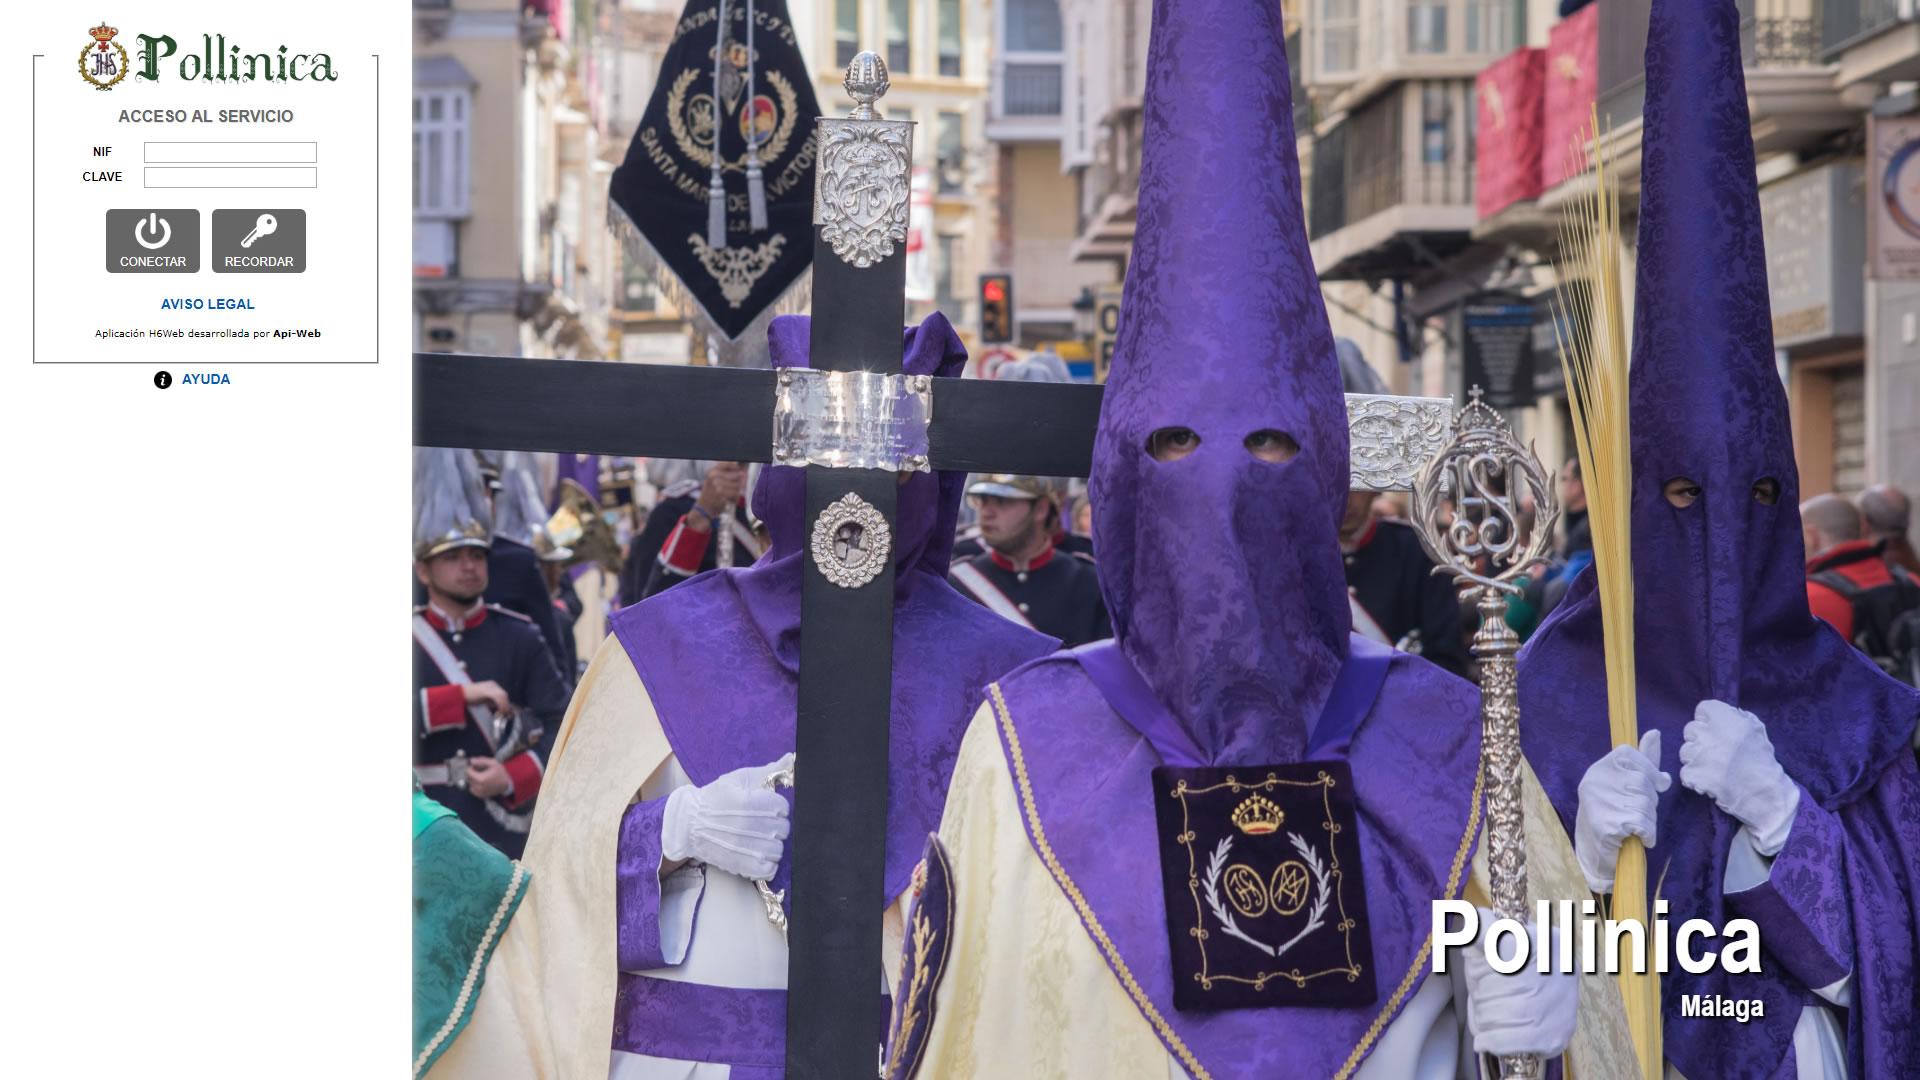 Cofradía de la Pollinica Málaga